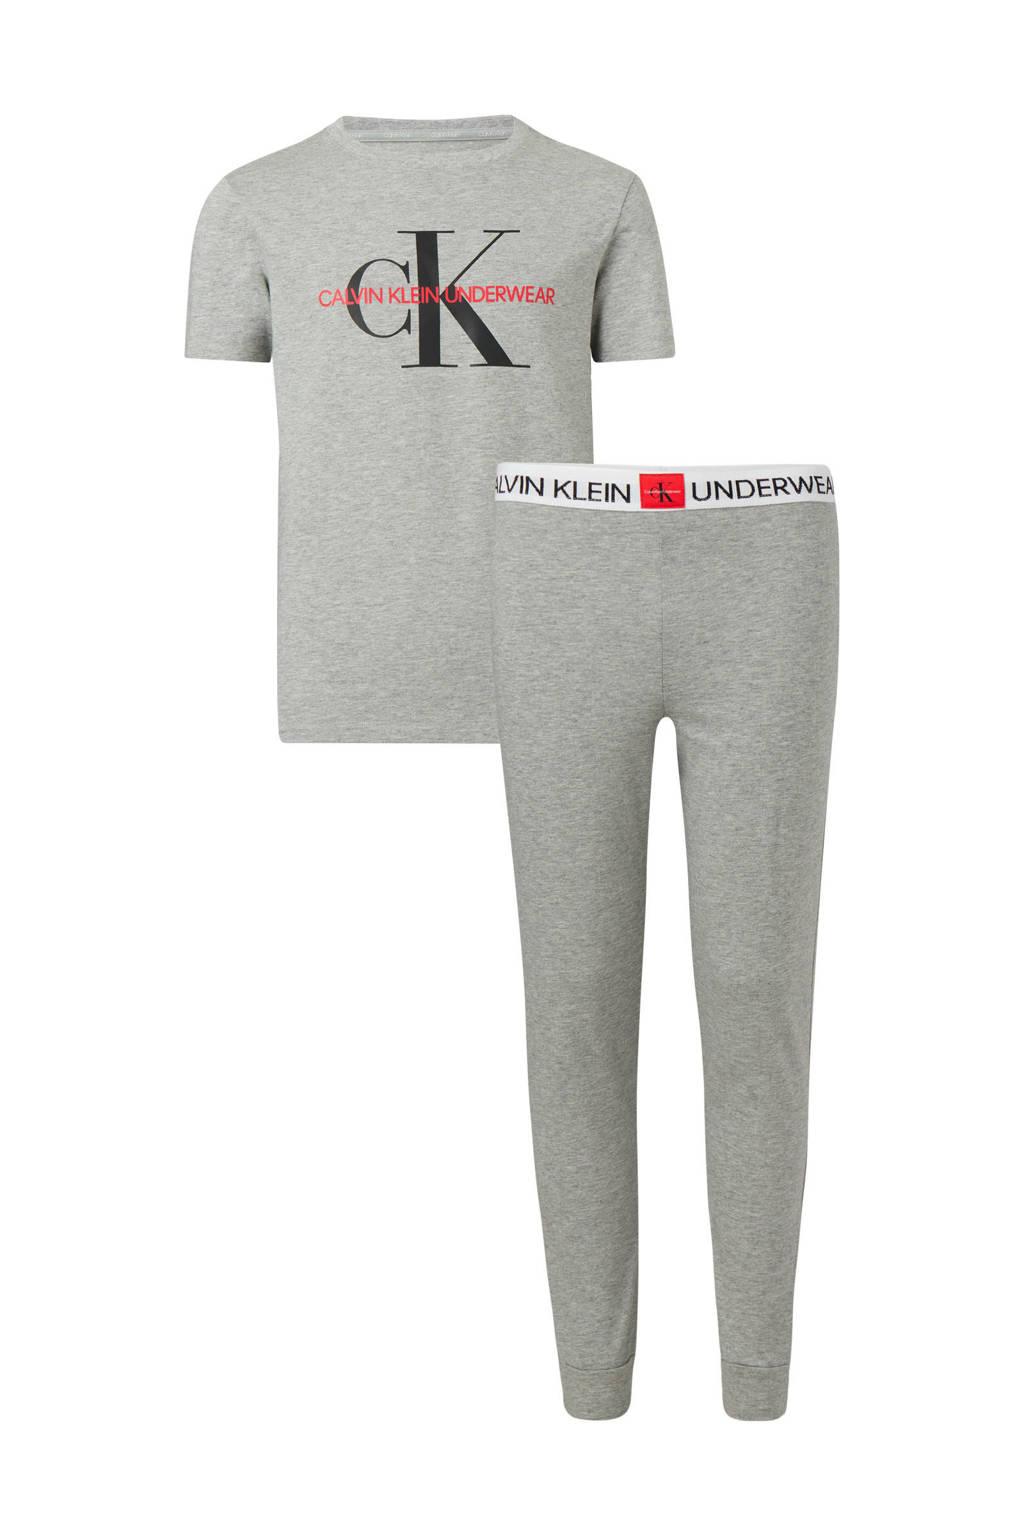 CALVIN KLEIN   pyjama grijs, Grijs